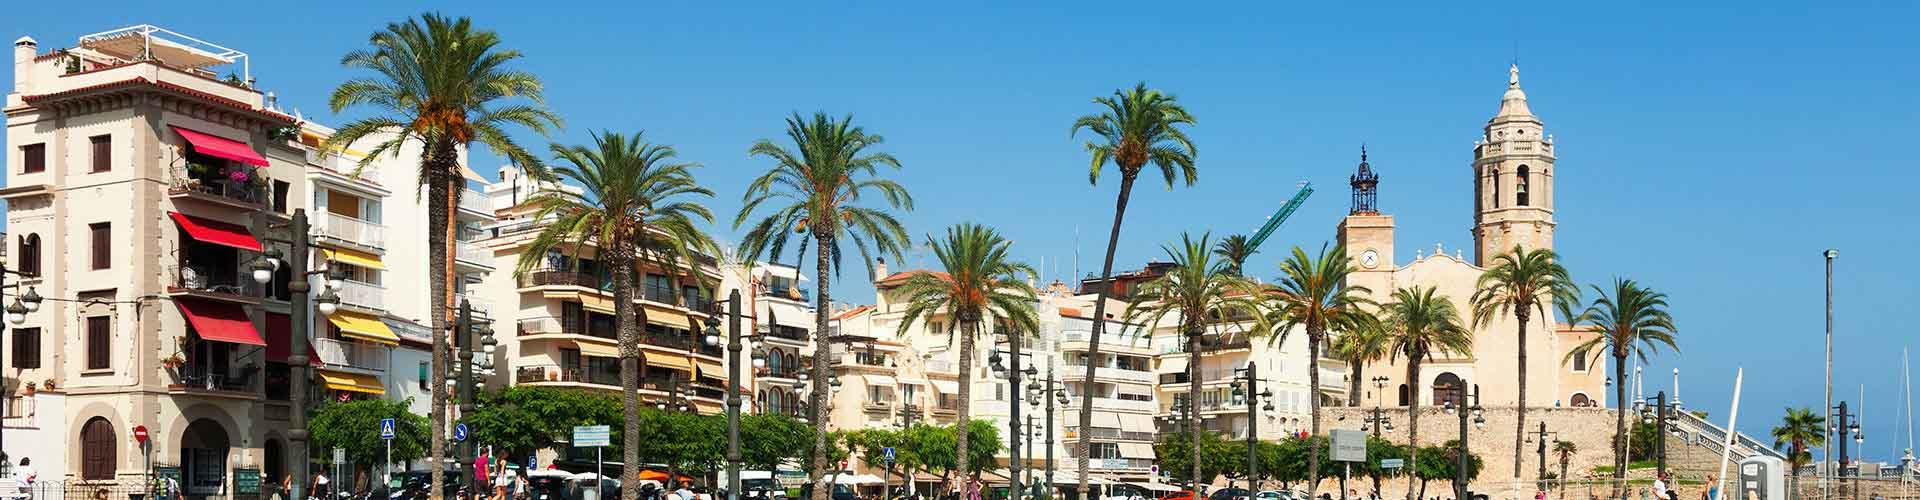 Sitges - Camping à Sitges. Cartes pour Sitges, photos et commentaires pour chaque Camping à Sitges.